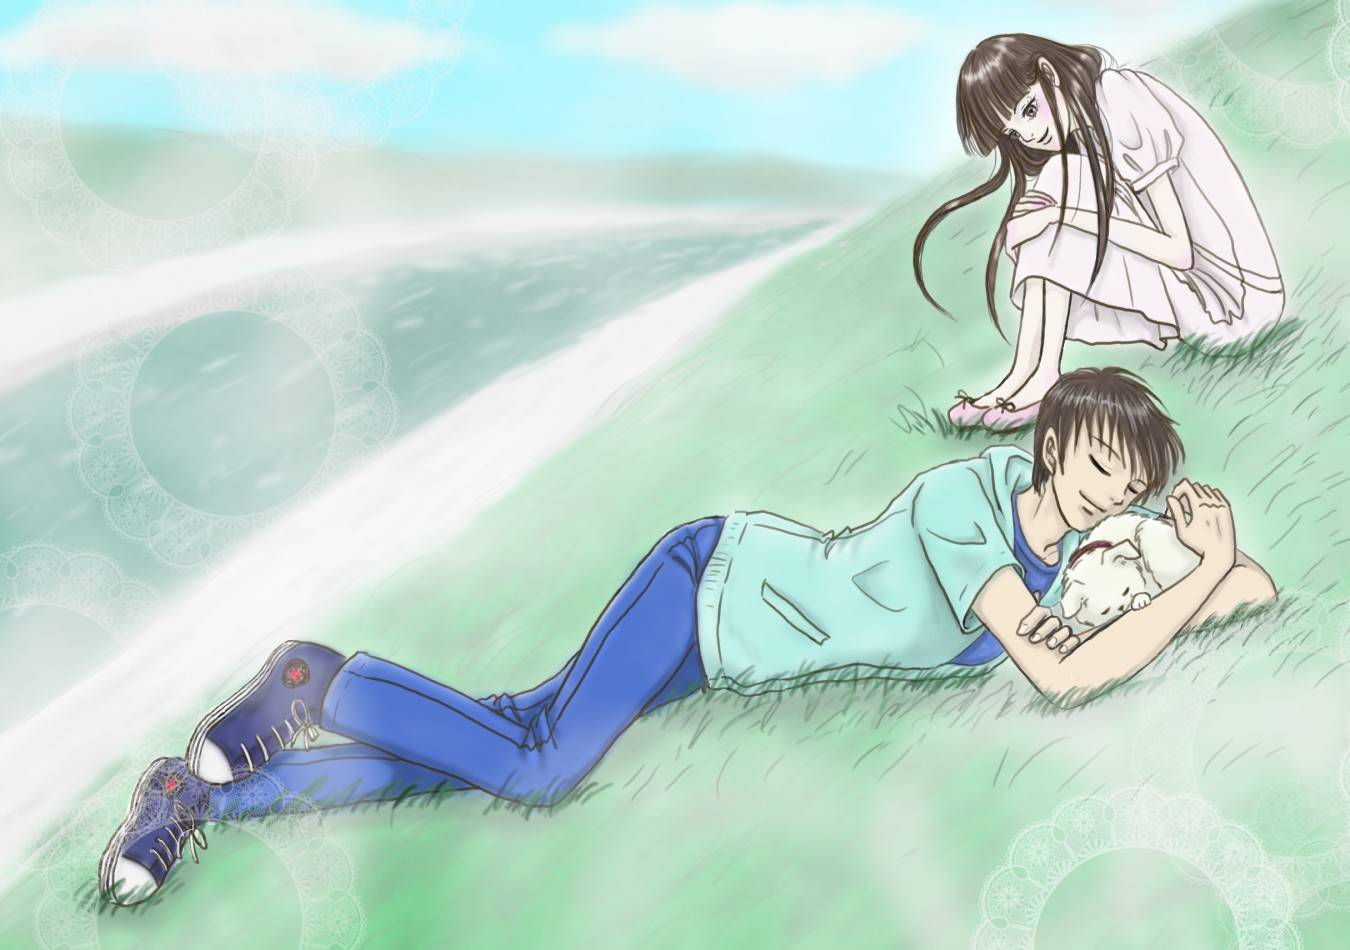 マルちゃんのお散歩に来て遊び疲れてお昼寝しちゃった風早君を偶然見つけて、 ちょっと離れたところから見つめる爽子ちゃん。